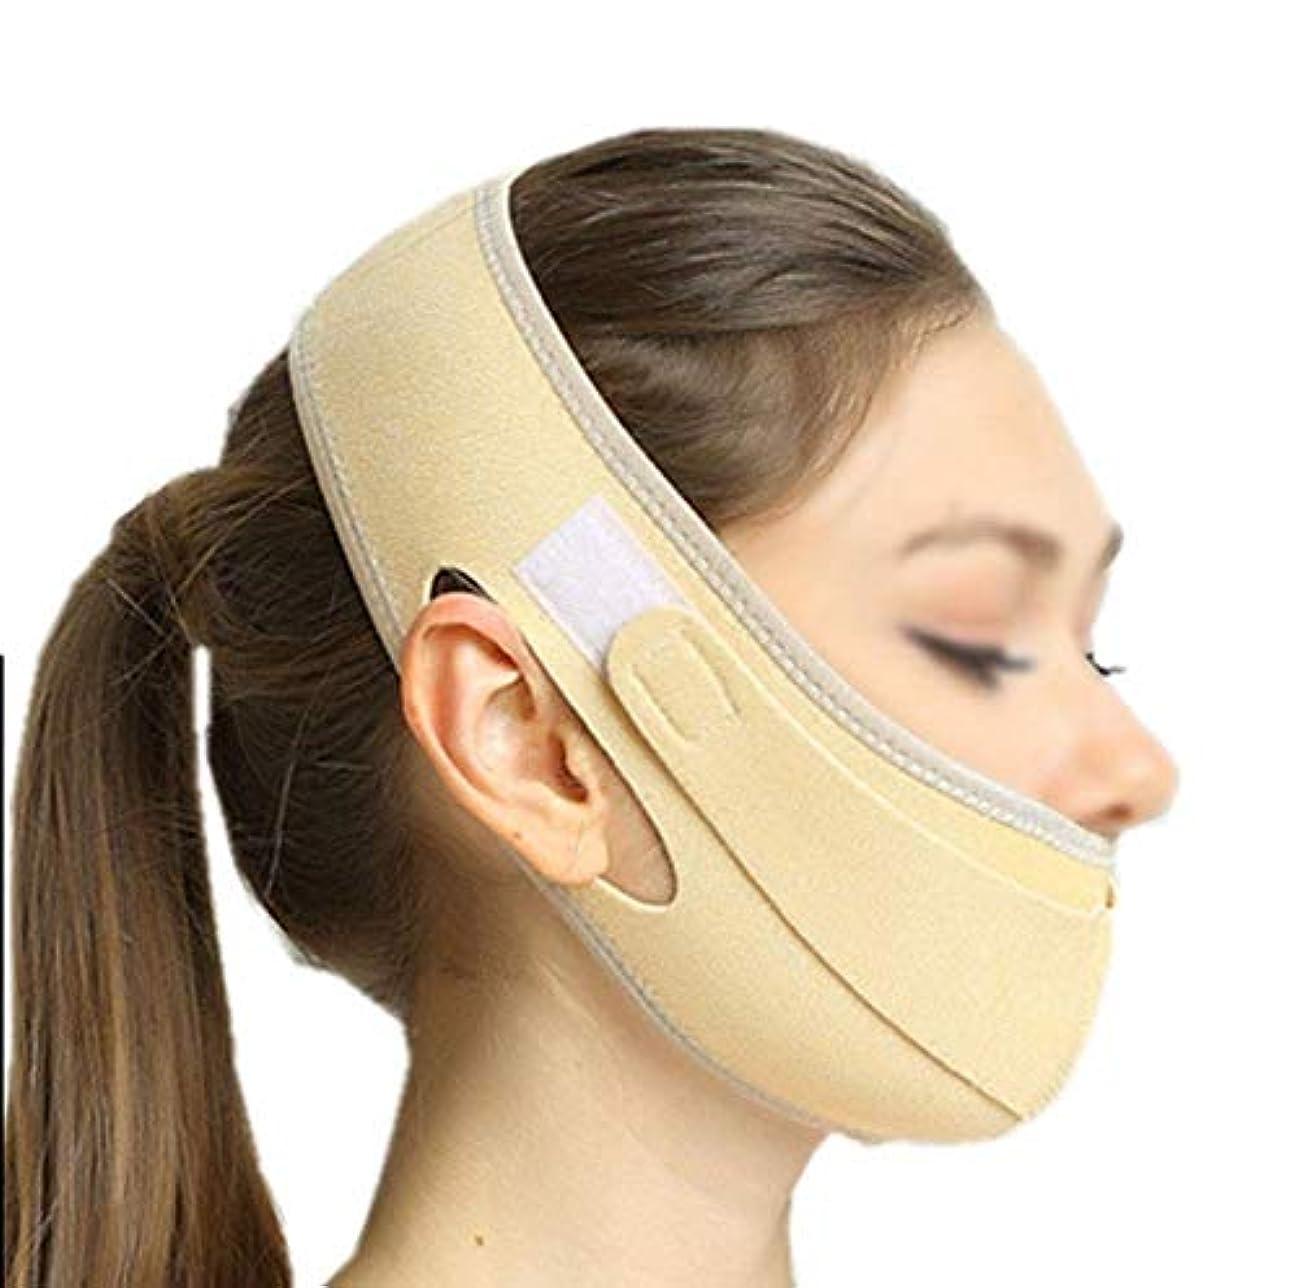 副産物ポジション気をつけてフェイスリフトマスク、コスメティックリカバリーマスク、薄いダブルチンリフティングスキンで小さなVフェイスバンデージを作成